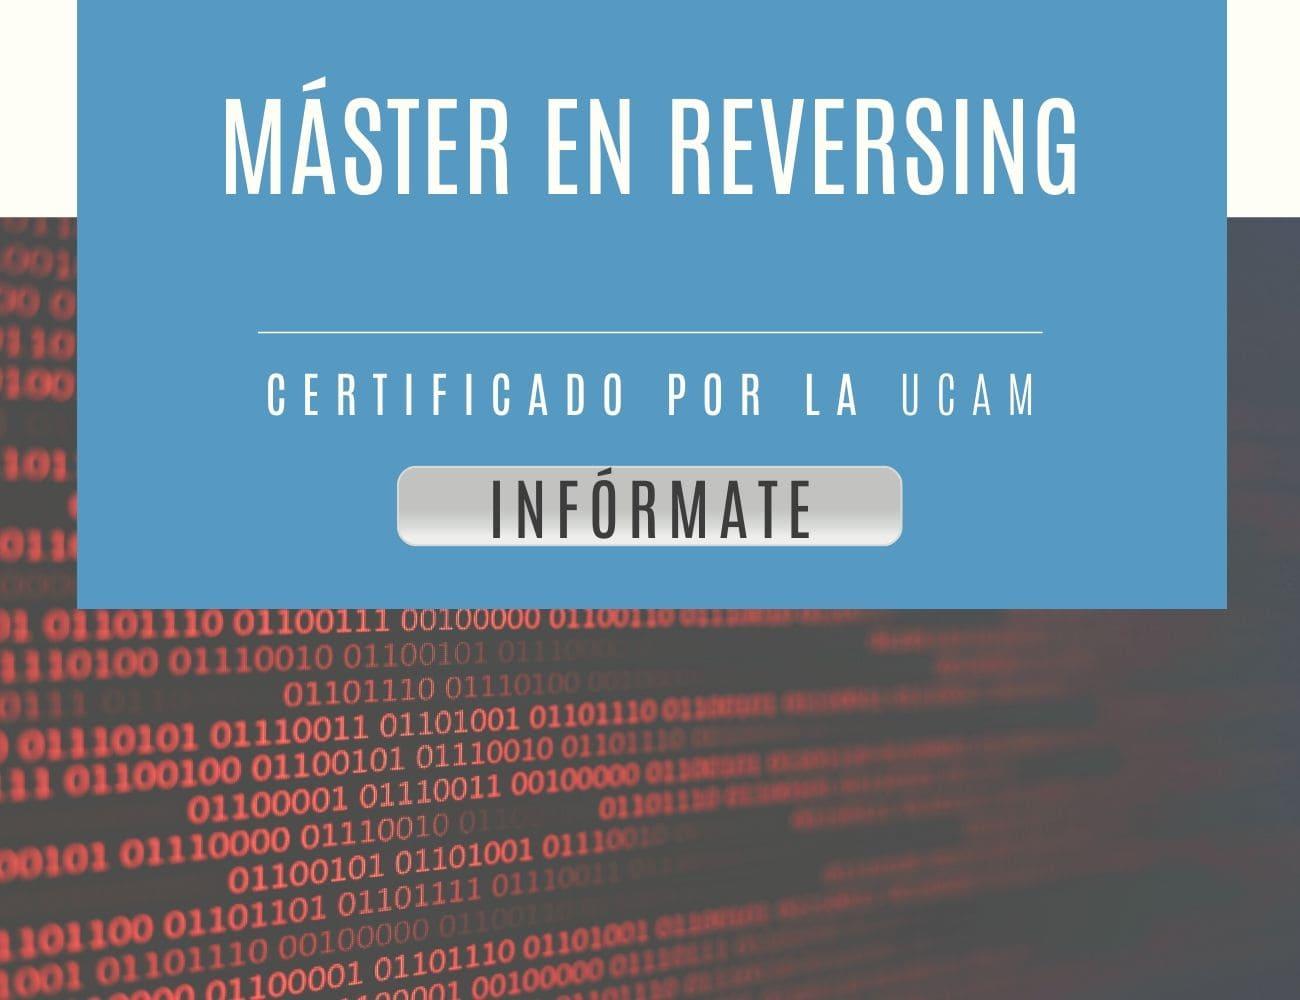 masterreversing